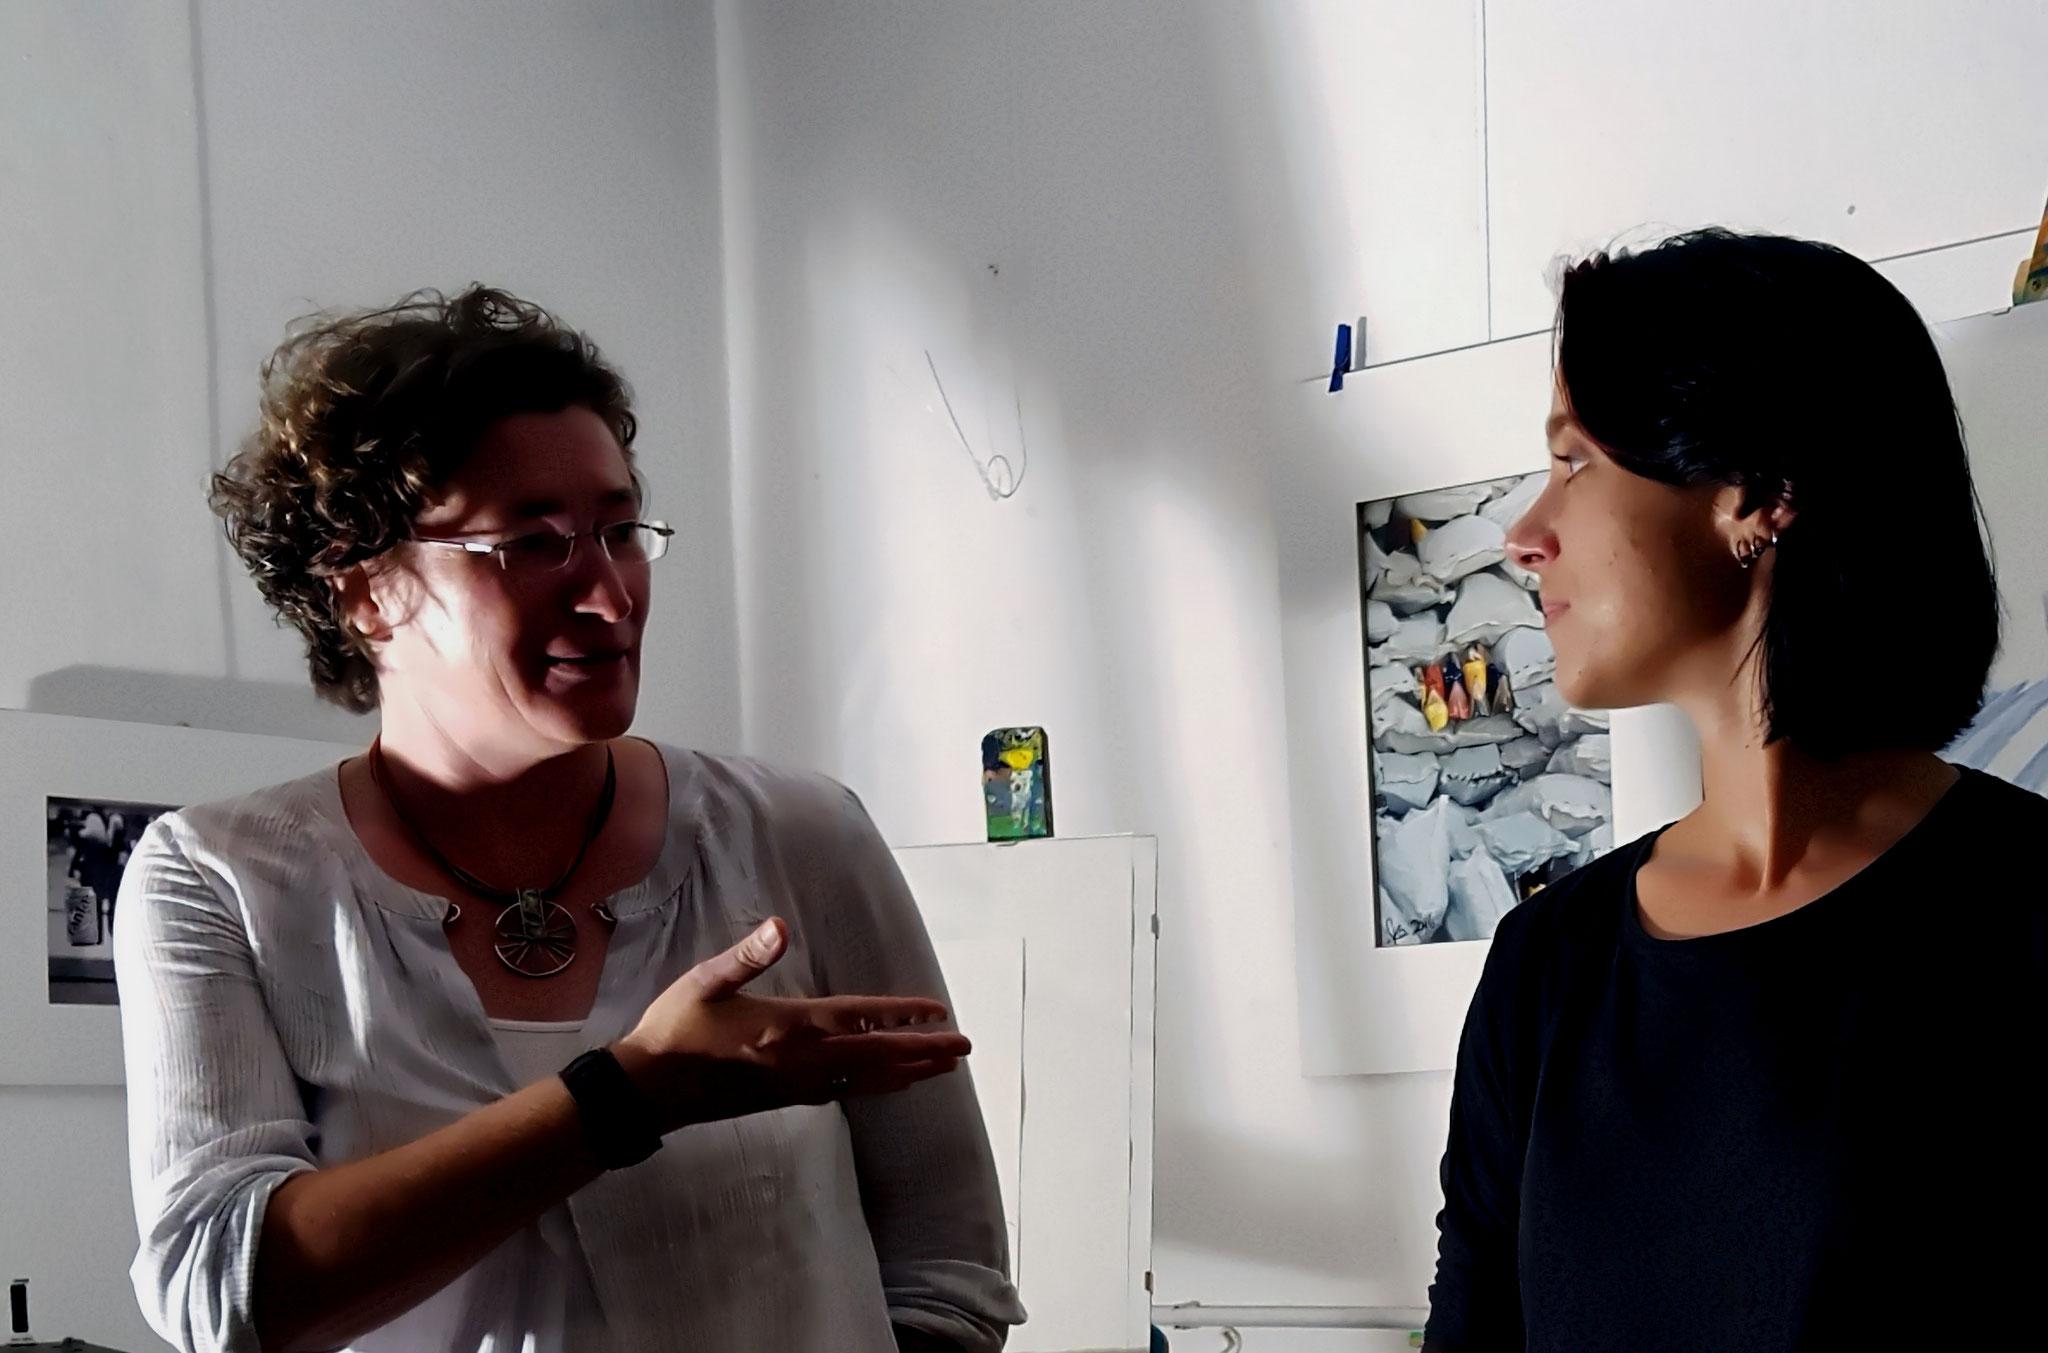 Gisela Weinhändler (links), Sabine Brand (rechts) bei der Einführung in die Veranstaltung